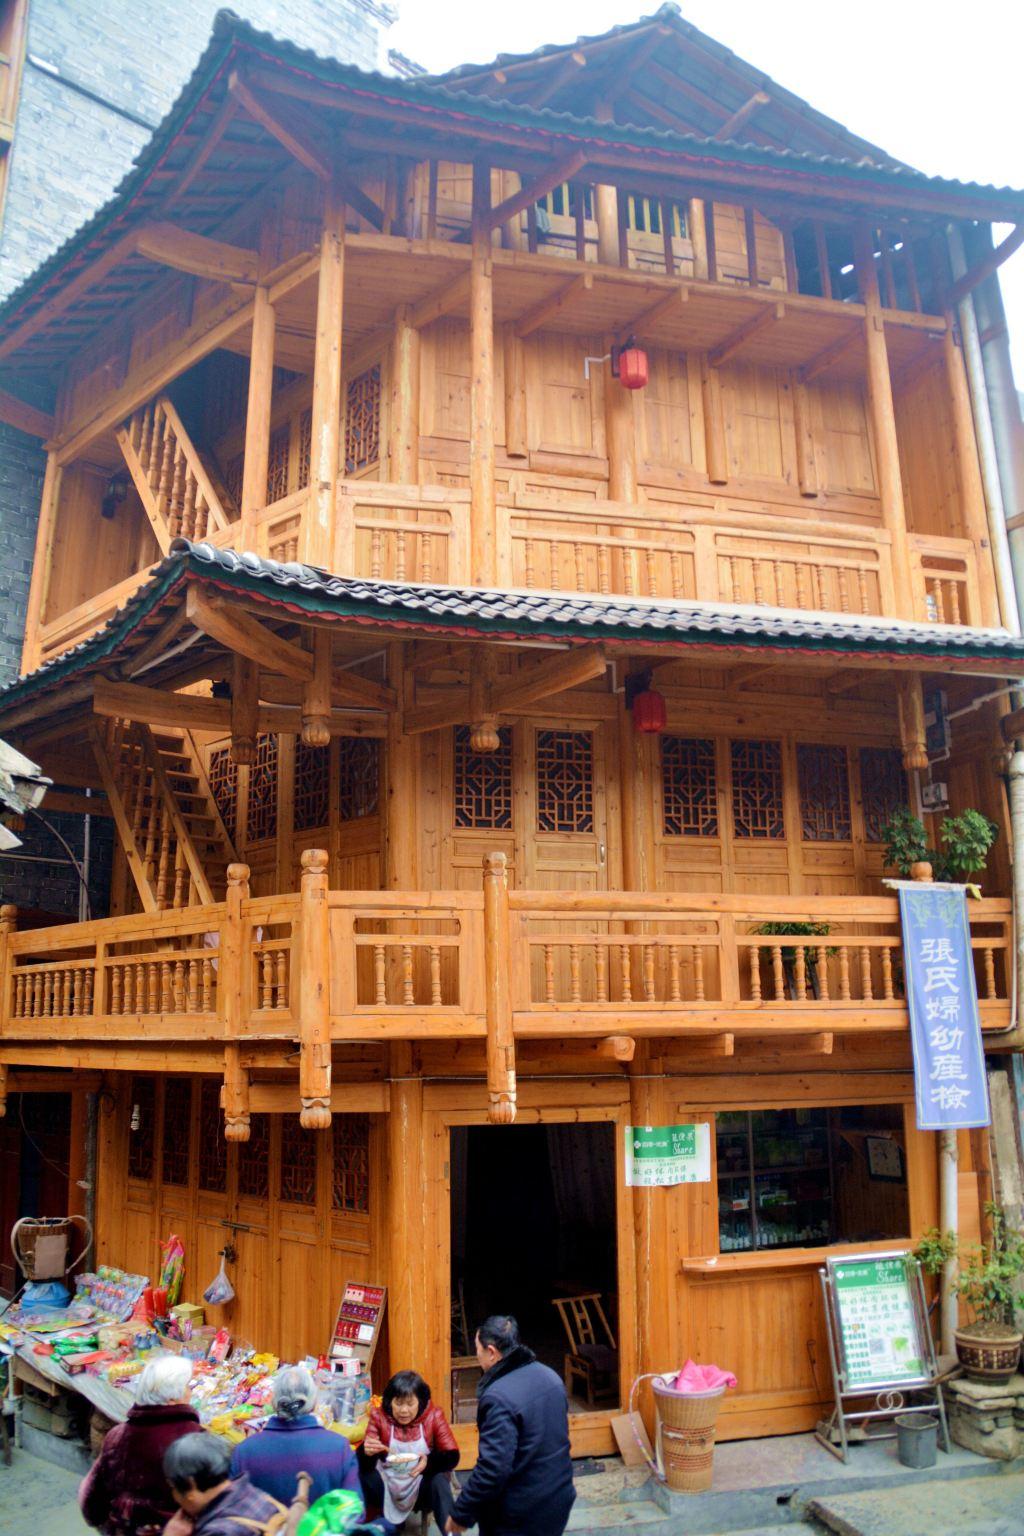 龙潭镇砖木结构的居民房屋鳞次栉比